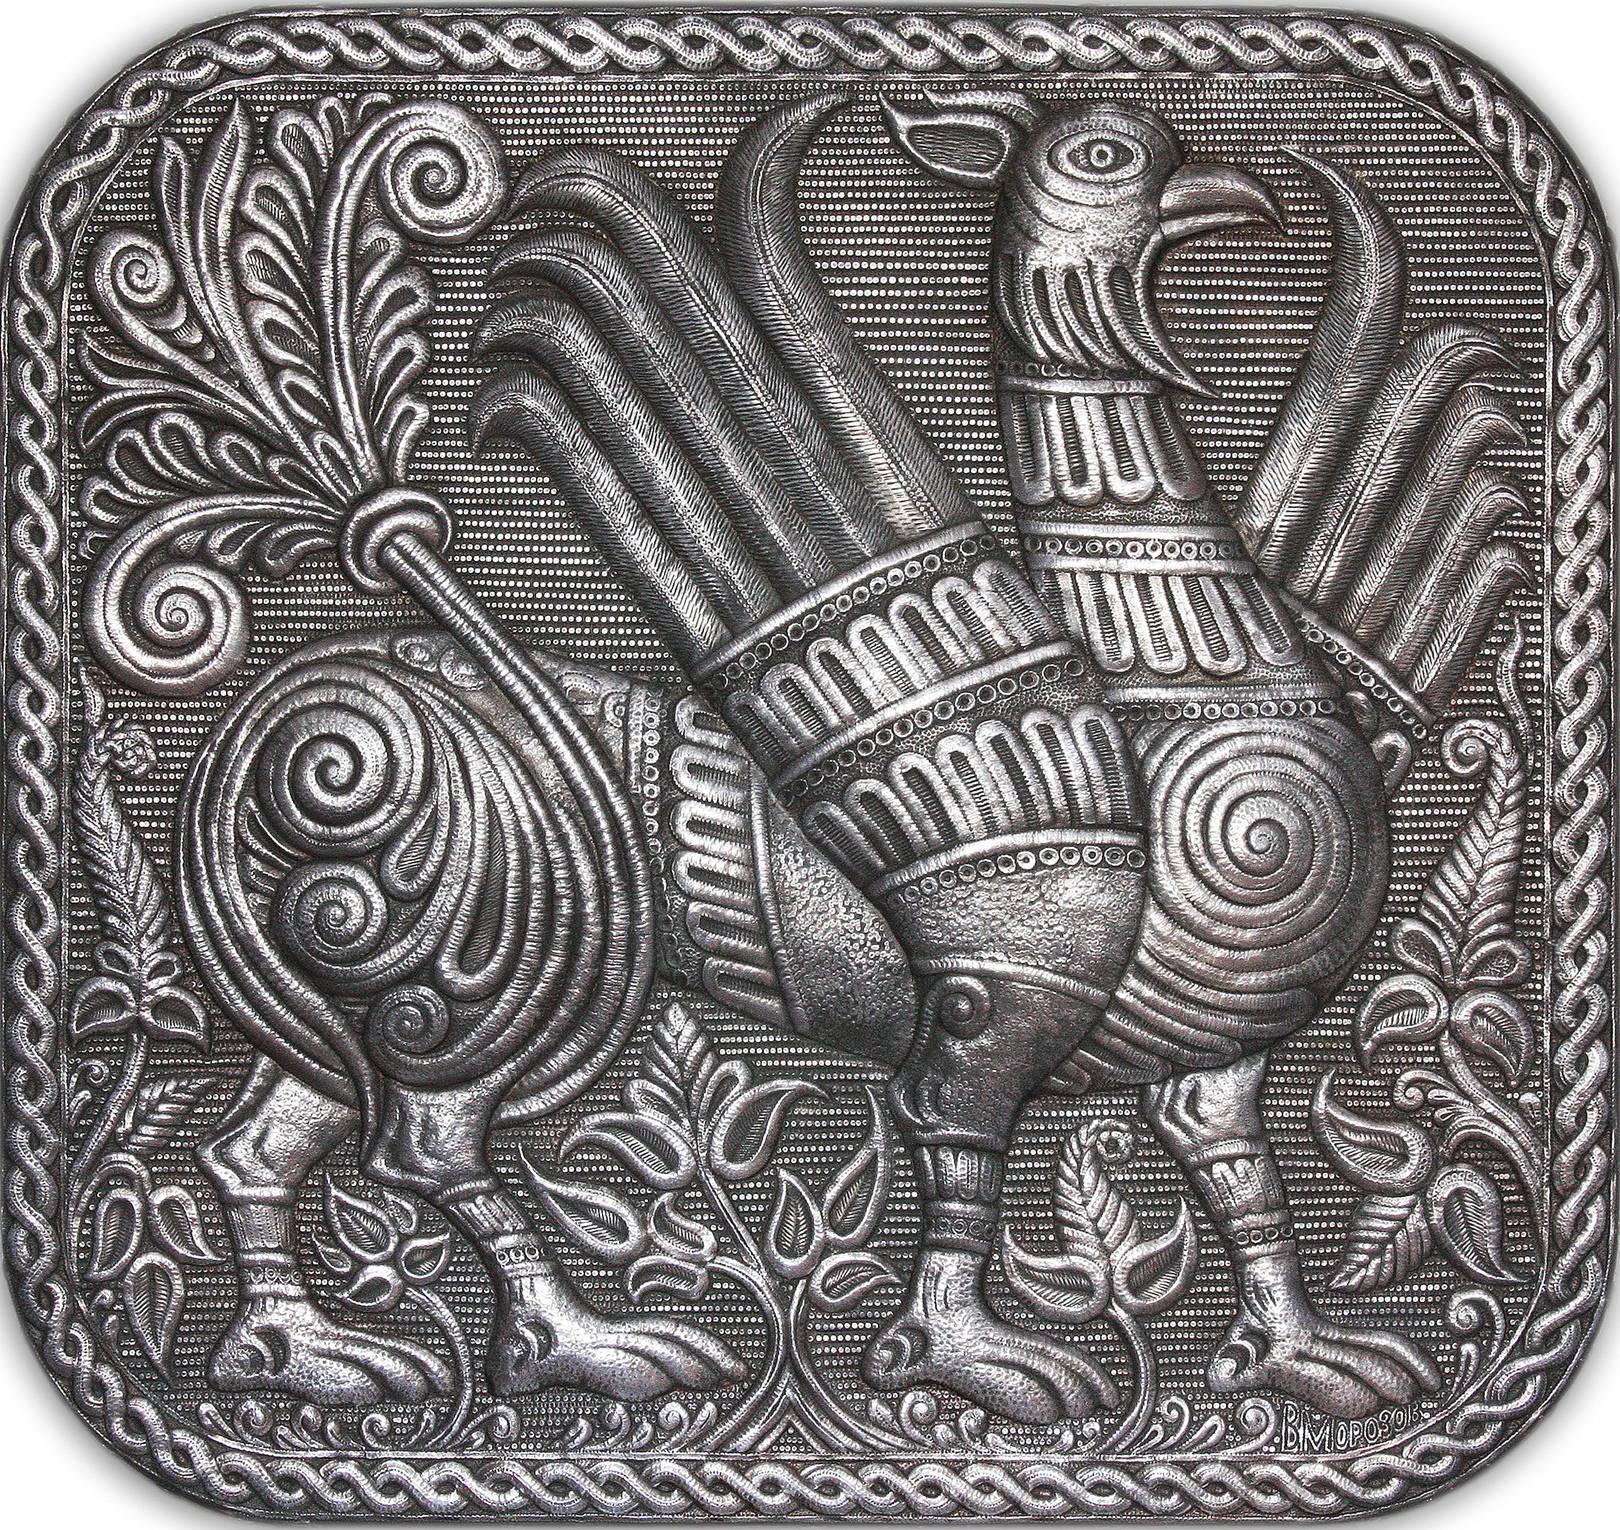 """Грифон (панно из серии """"Владимиро - Суздальские древности) 2006 г. Алюминий; чернение 58 х 61 см"""